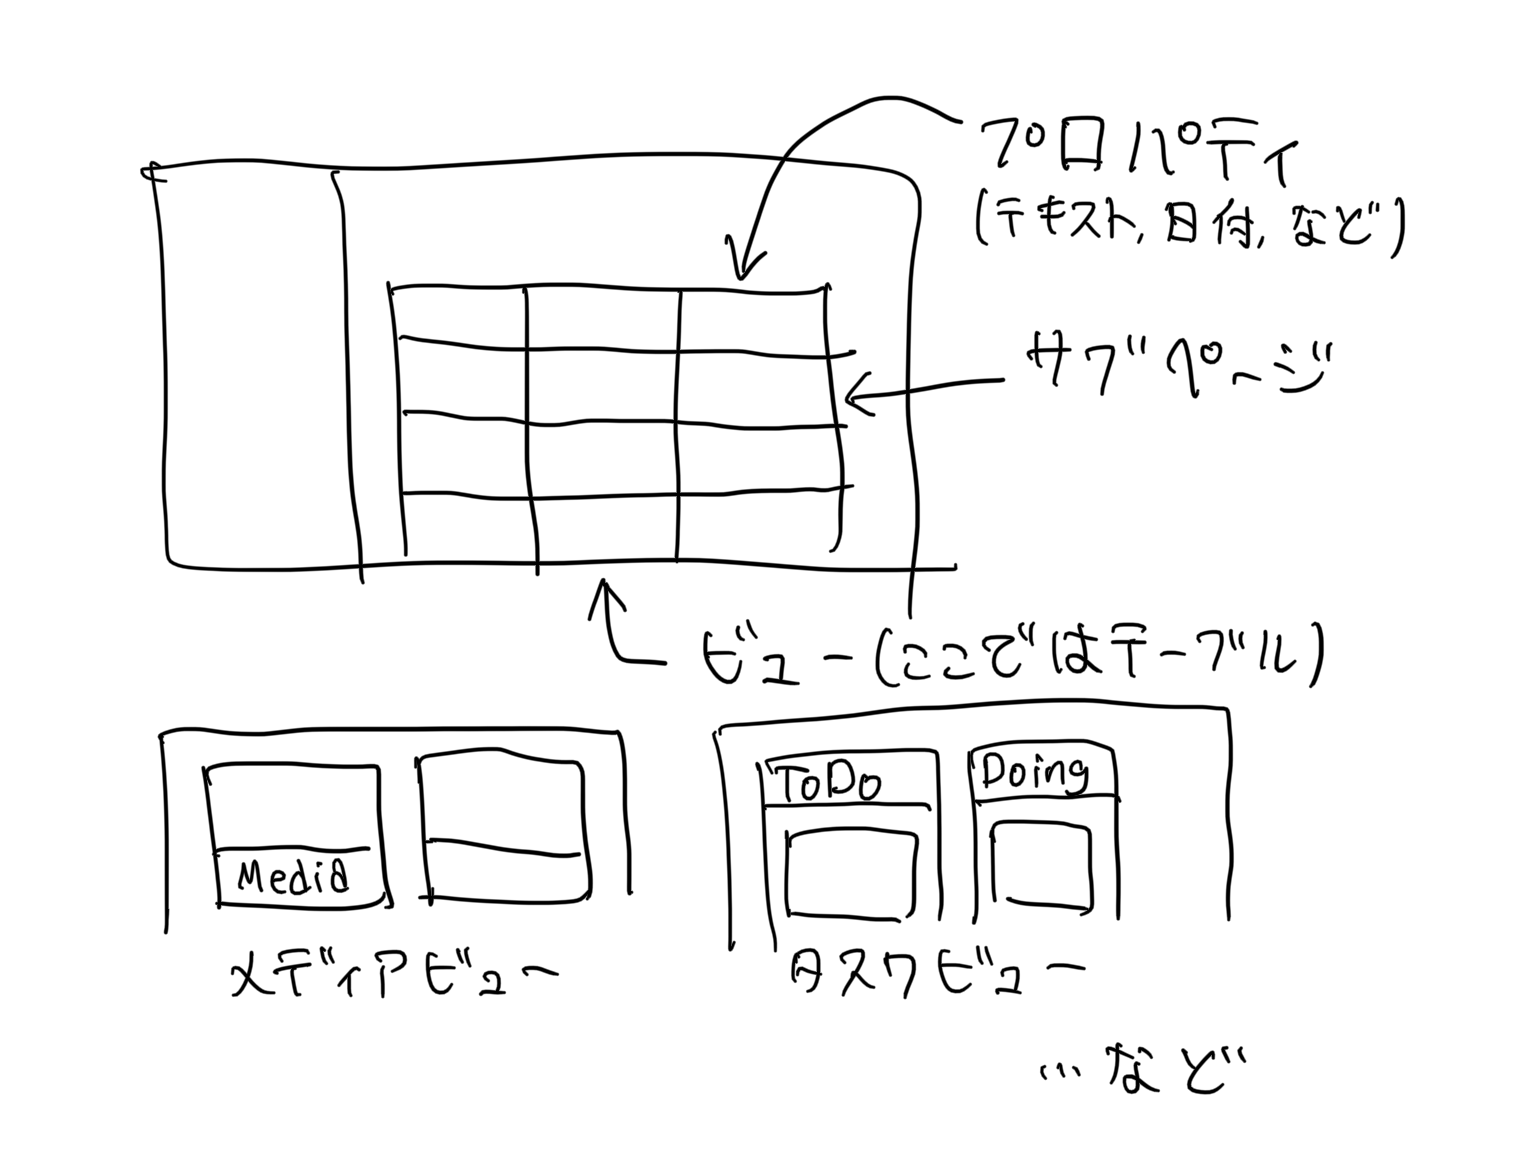 f:id:aokashi:20211013211833p:plain